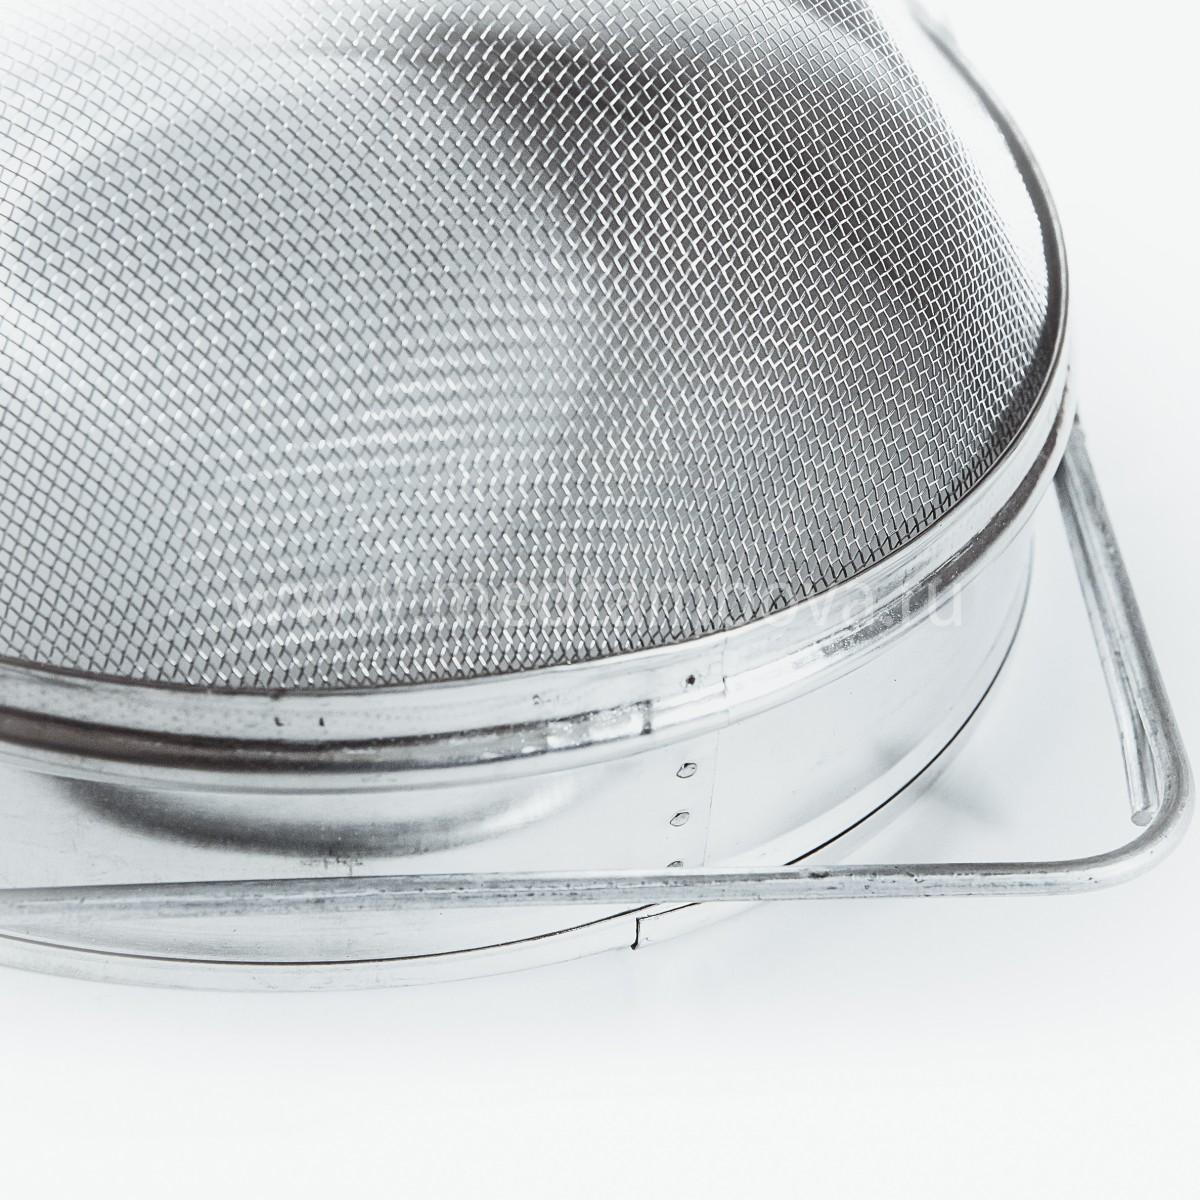 Сито-Фильтр 200 мм оцинковка выпуклая сетка